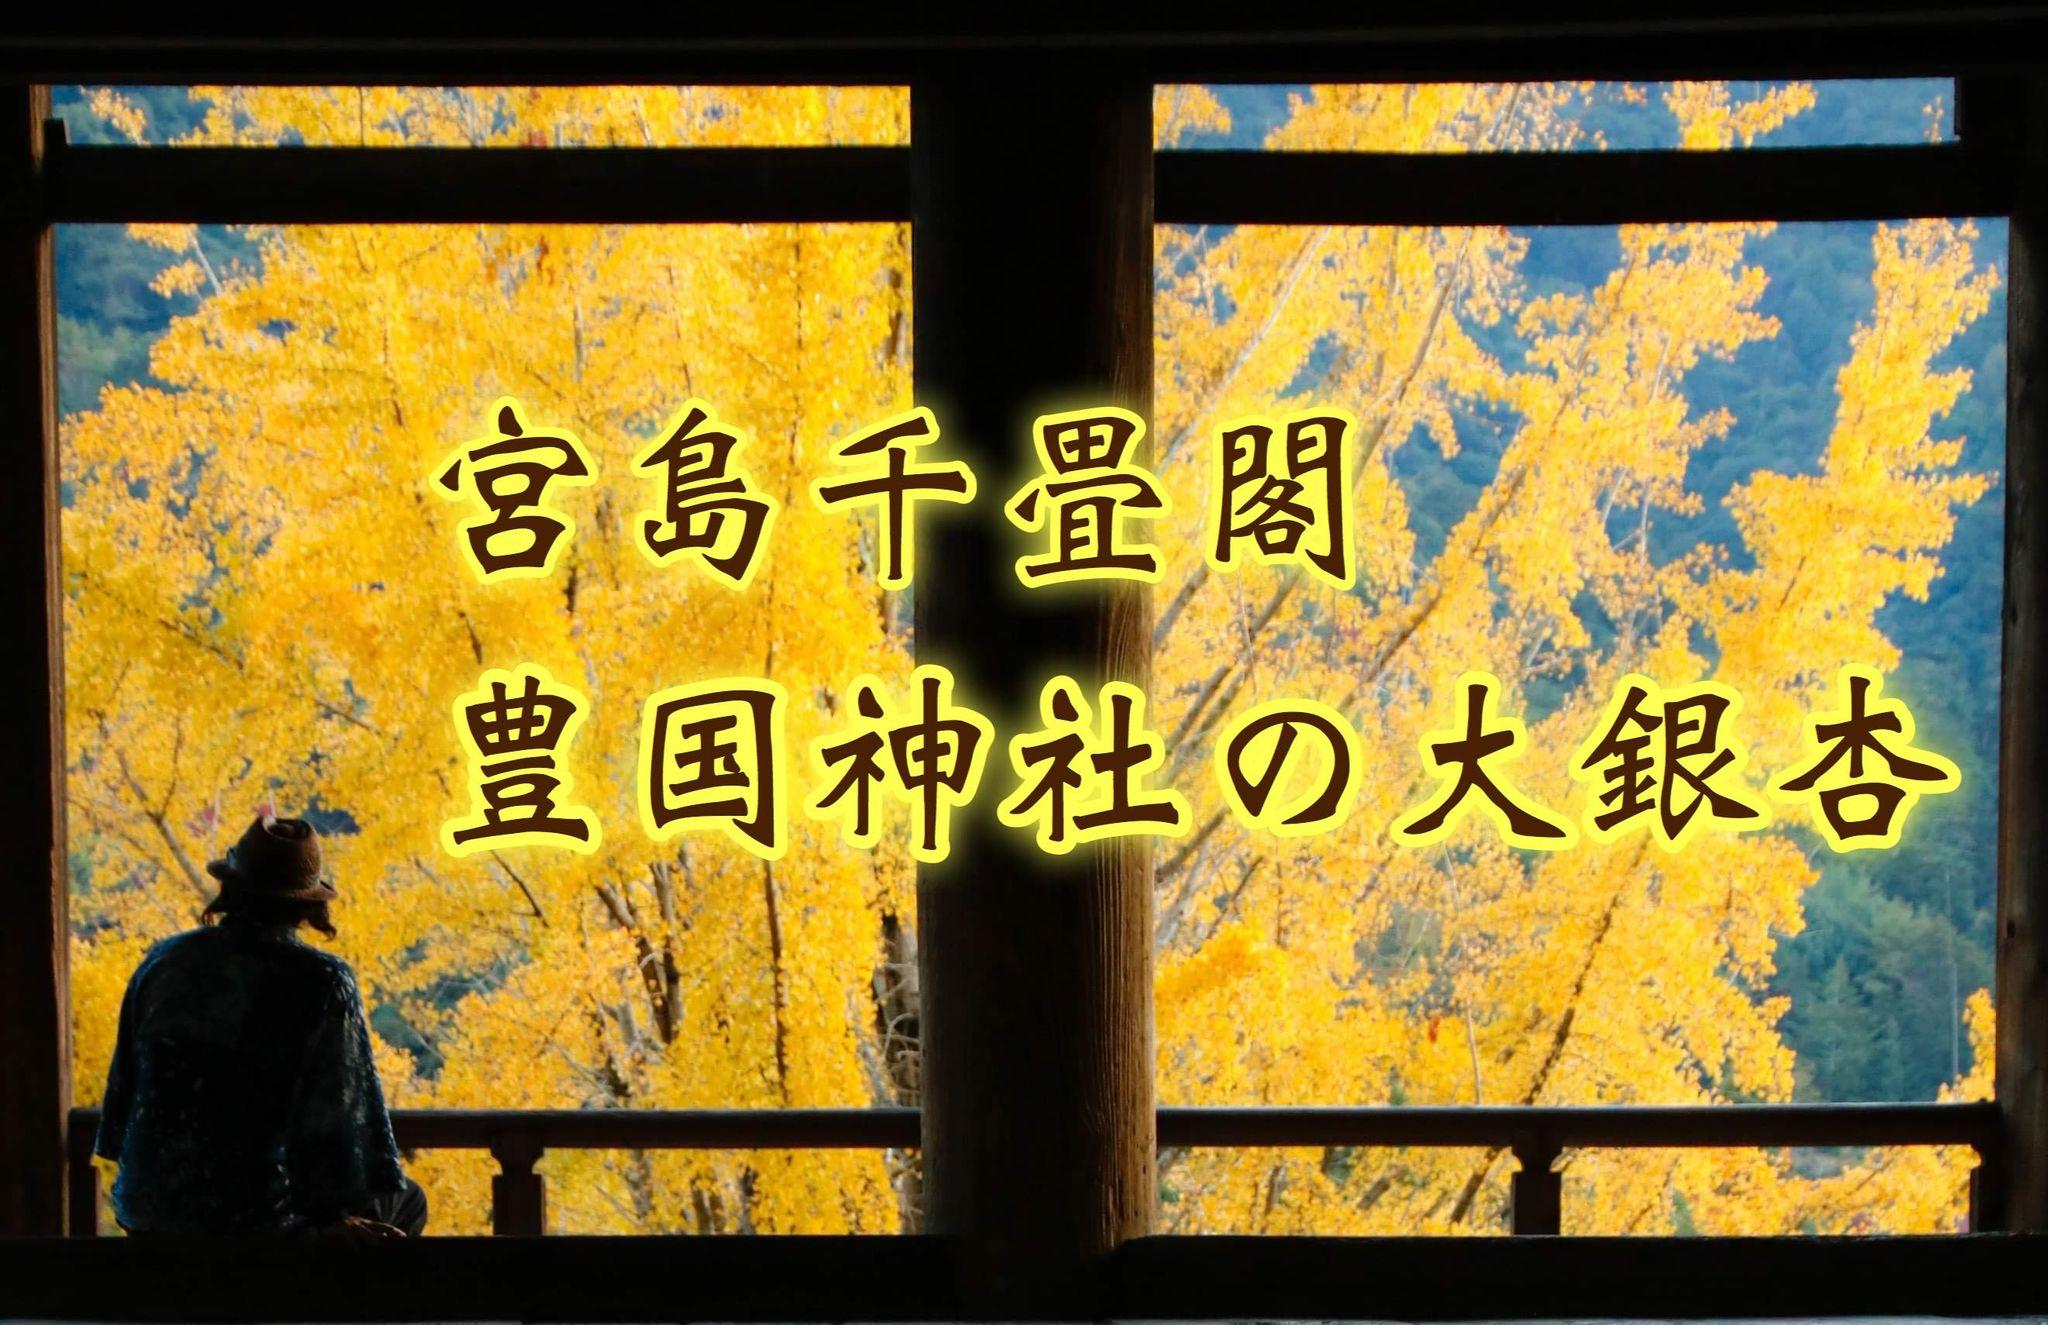 【千畳閣のイチョウ】秋の宮島豊国神社で大銀杏が映える!!/広島県廿日市市